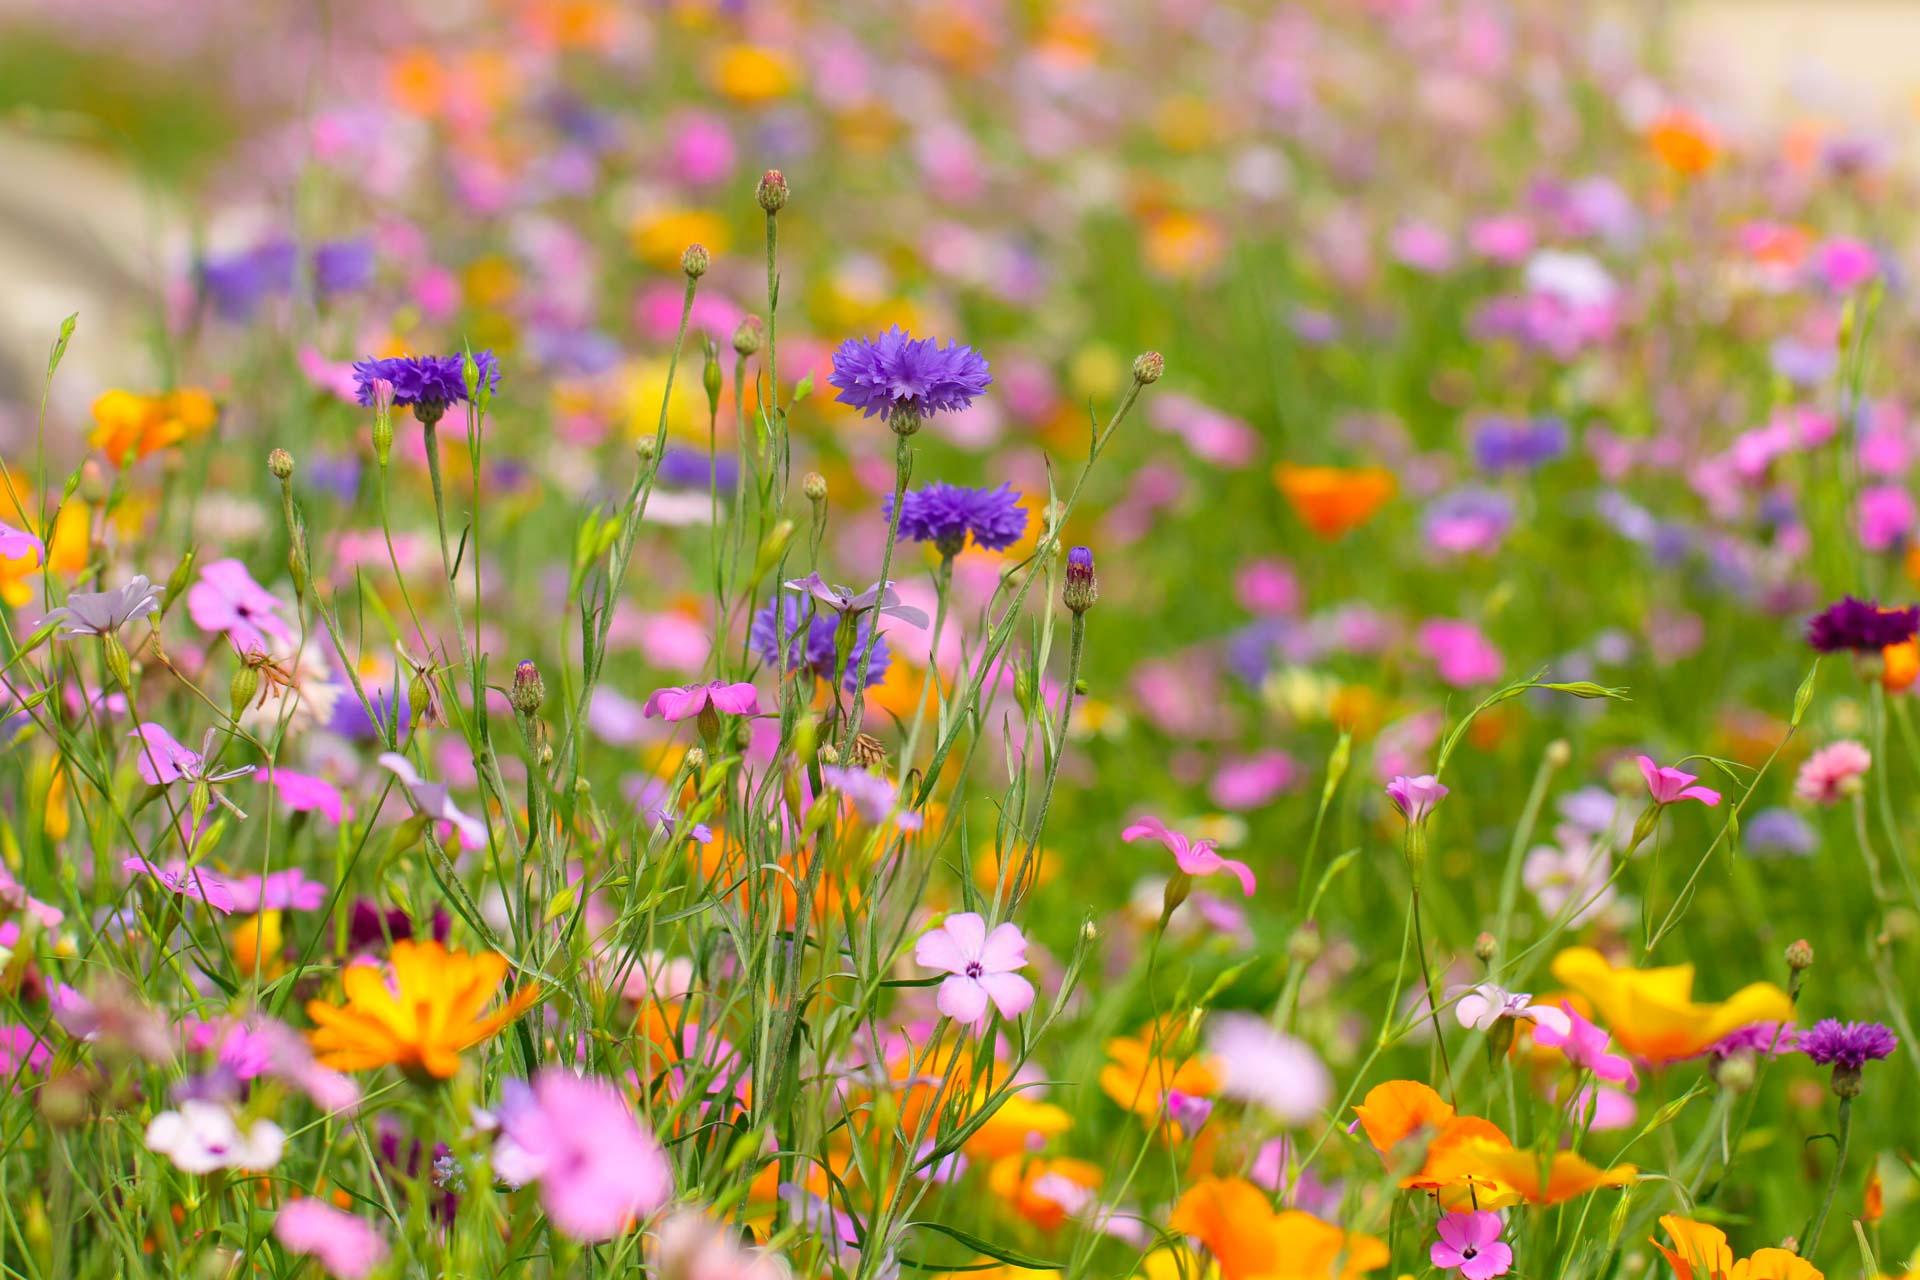 картинки для аватарки полевые цветы хотя